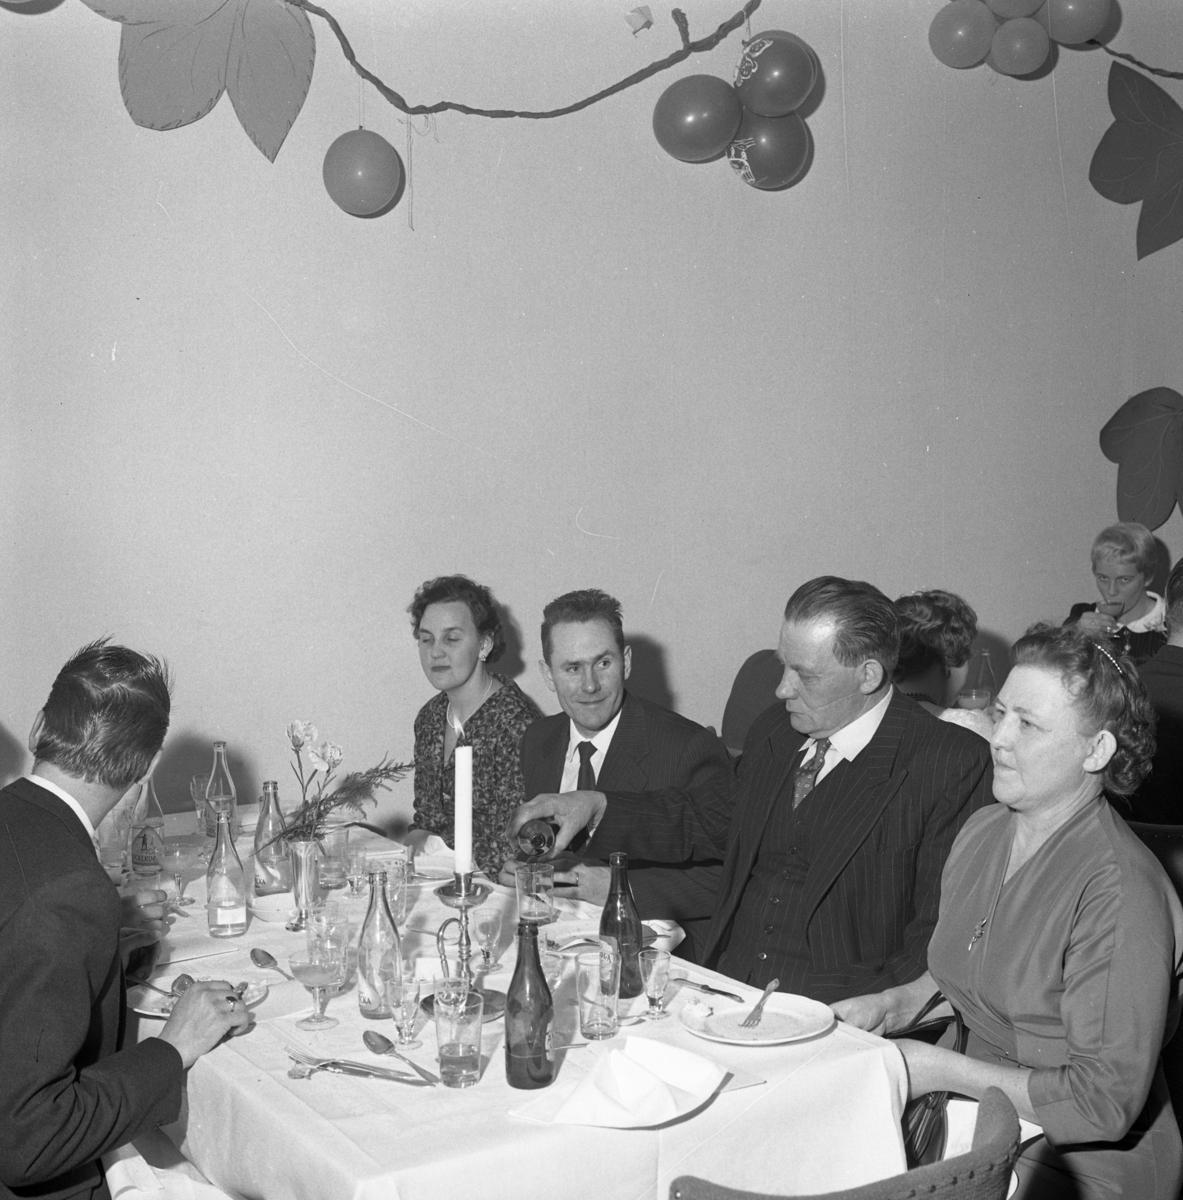 Elektrikerförbundets Arbogaavdelning har jubileumsfest. Män och kvinnor som just avslutat en måltid. Bordet är dukat med en ljusstake och en vas med en blomma. Väggdekorationer. Kvinnan, vid bordet bakom, är fru Bergström.